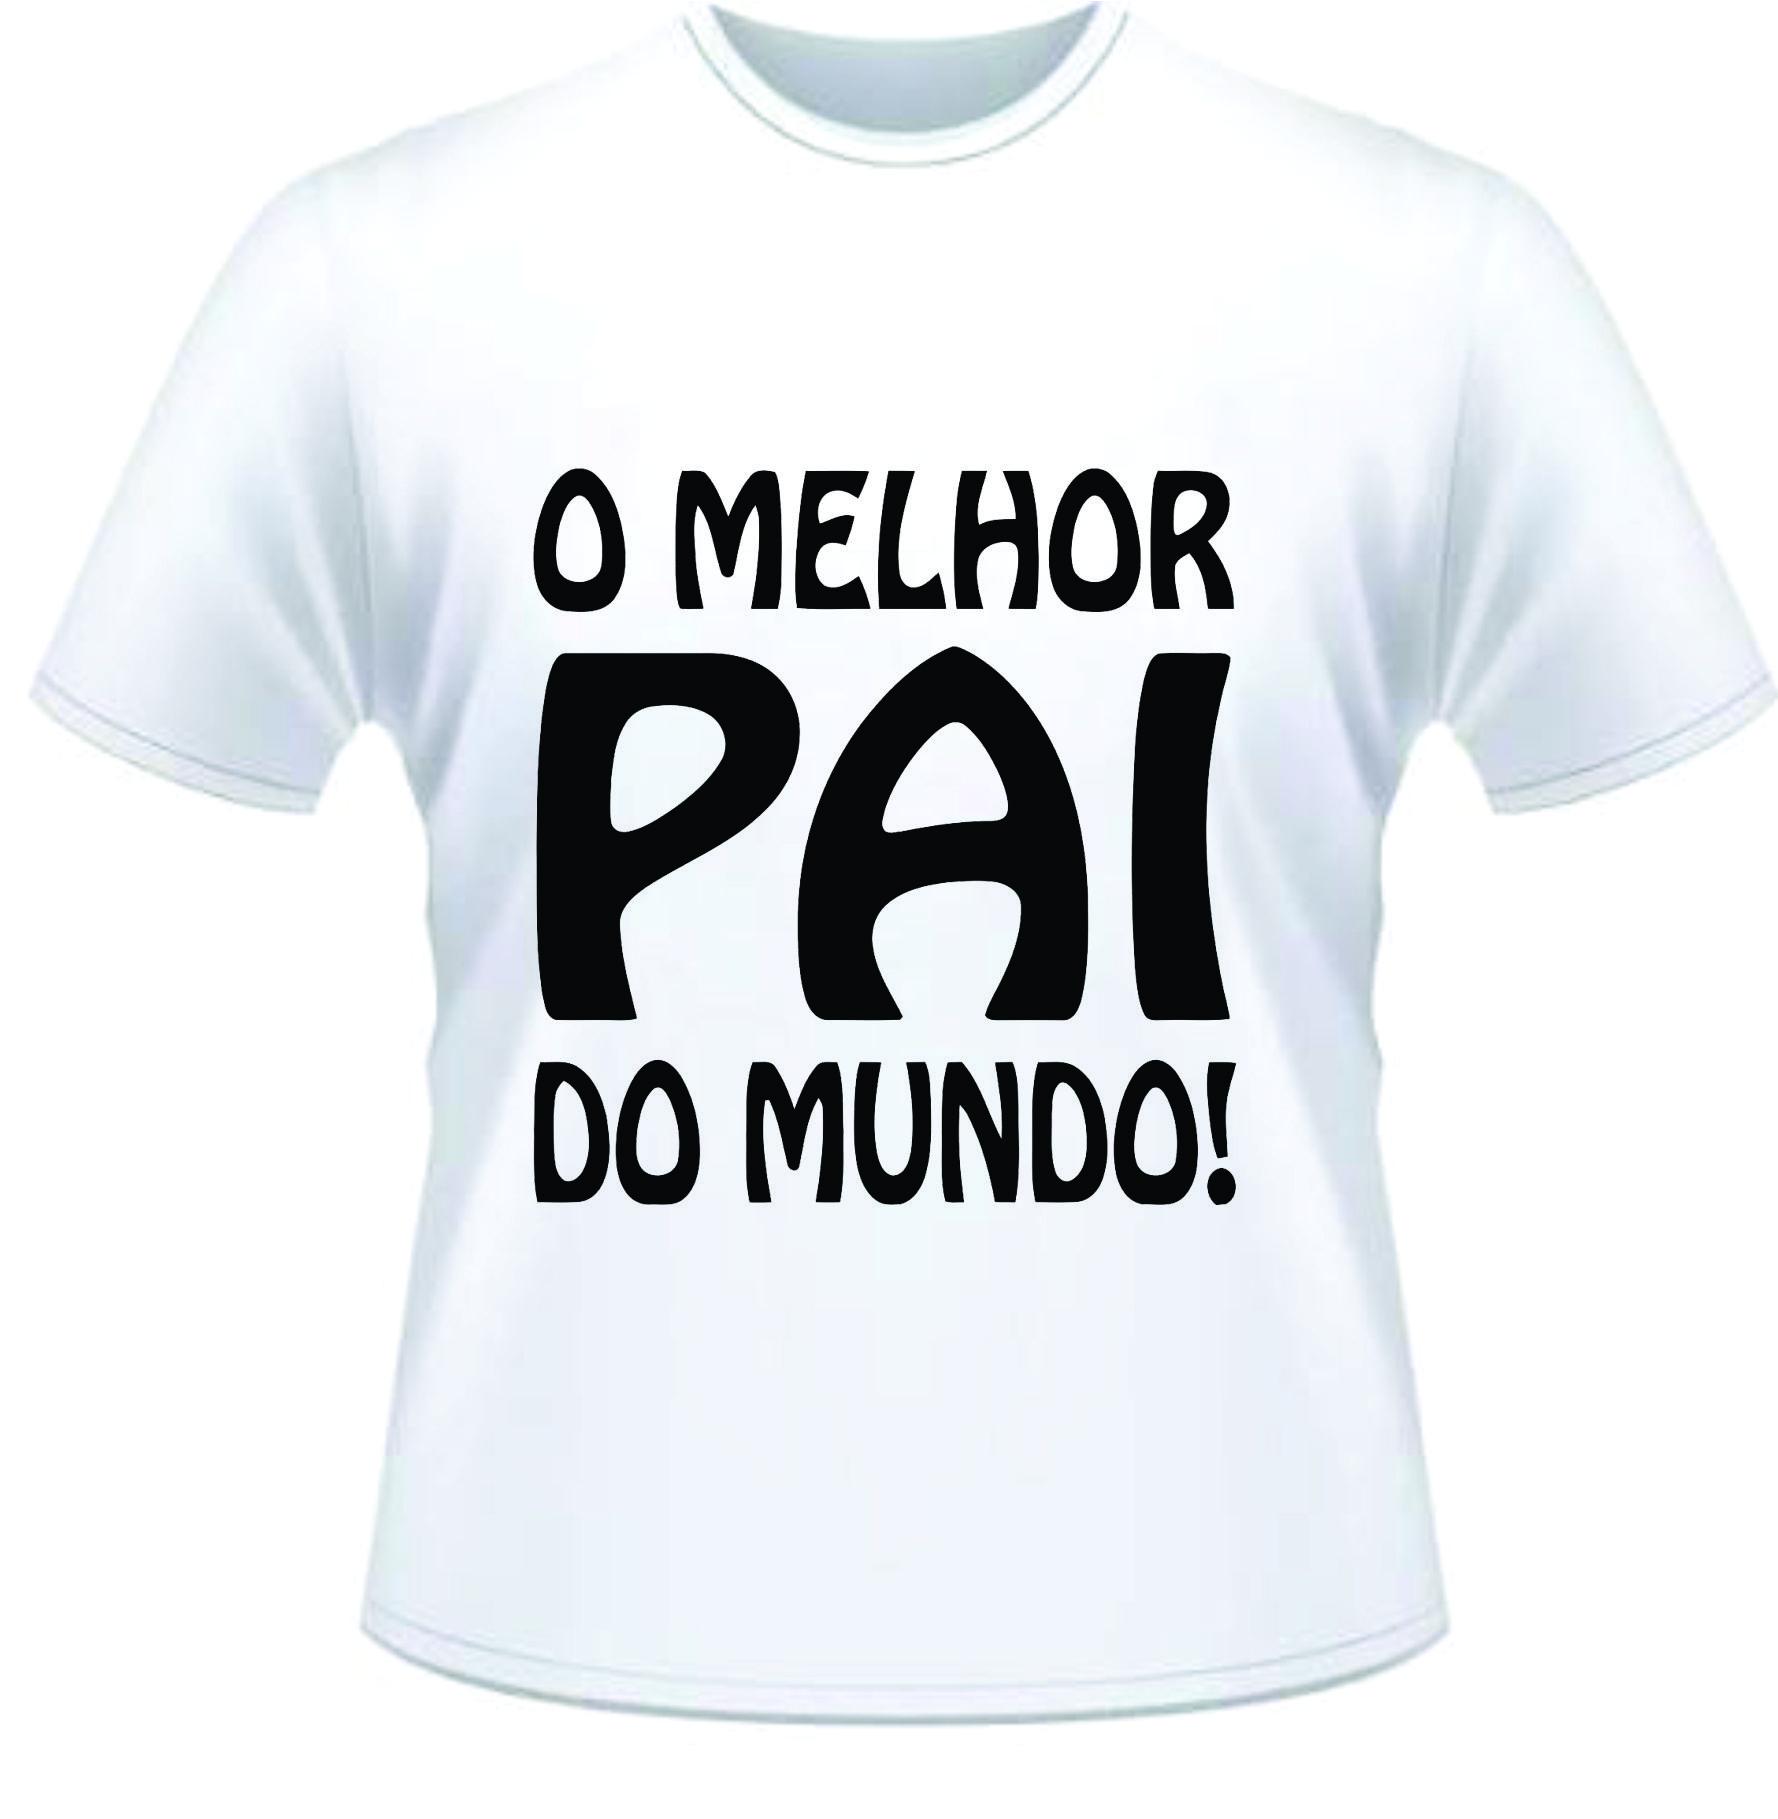 cdd792cf2 Camiseta Dia dos Pais - Personalizada Branca - Poliéster - Área ...